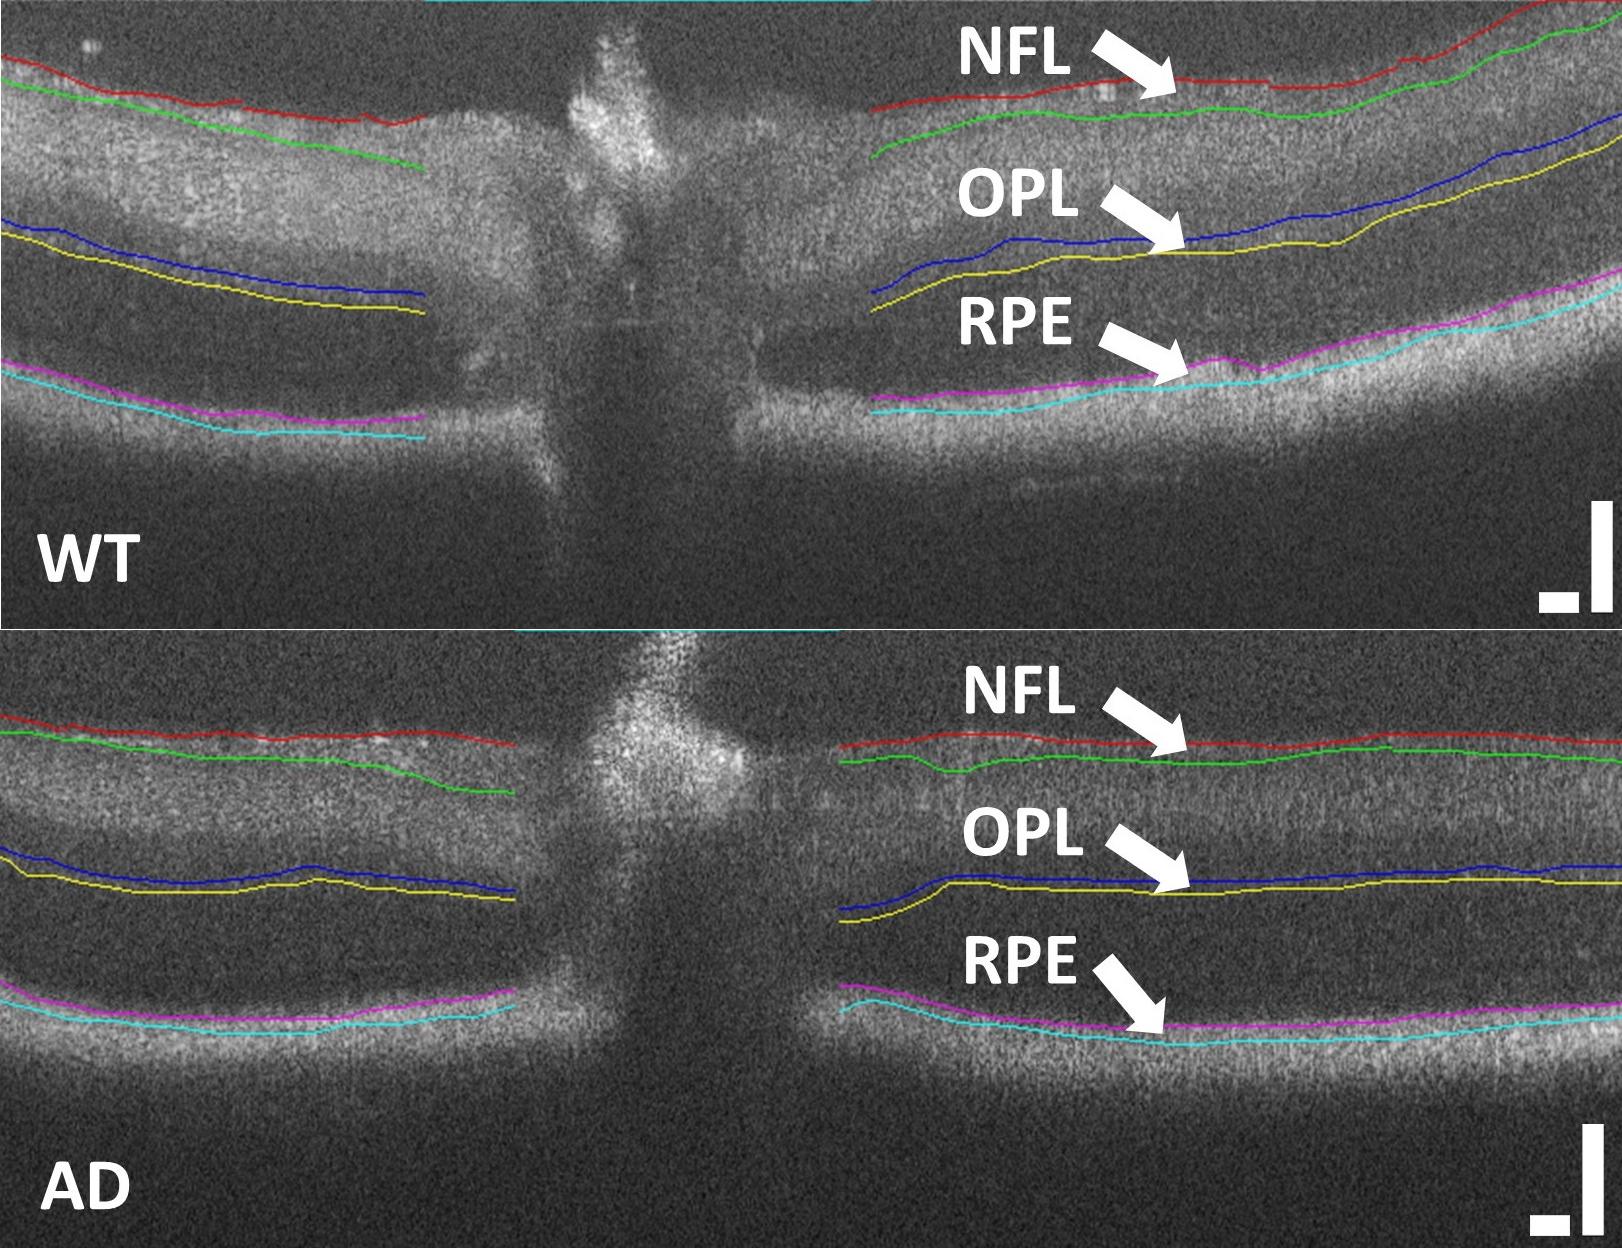 Biomarcatori retinici per la diagnosi precoce della malattia di Alzheimer. Credits: Scientific Reports